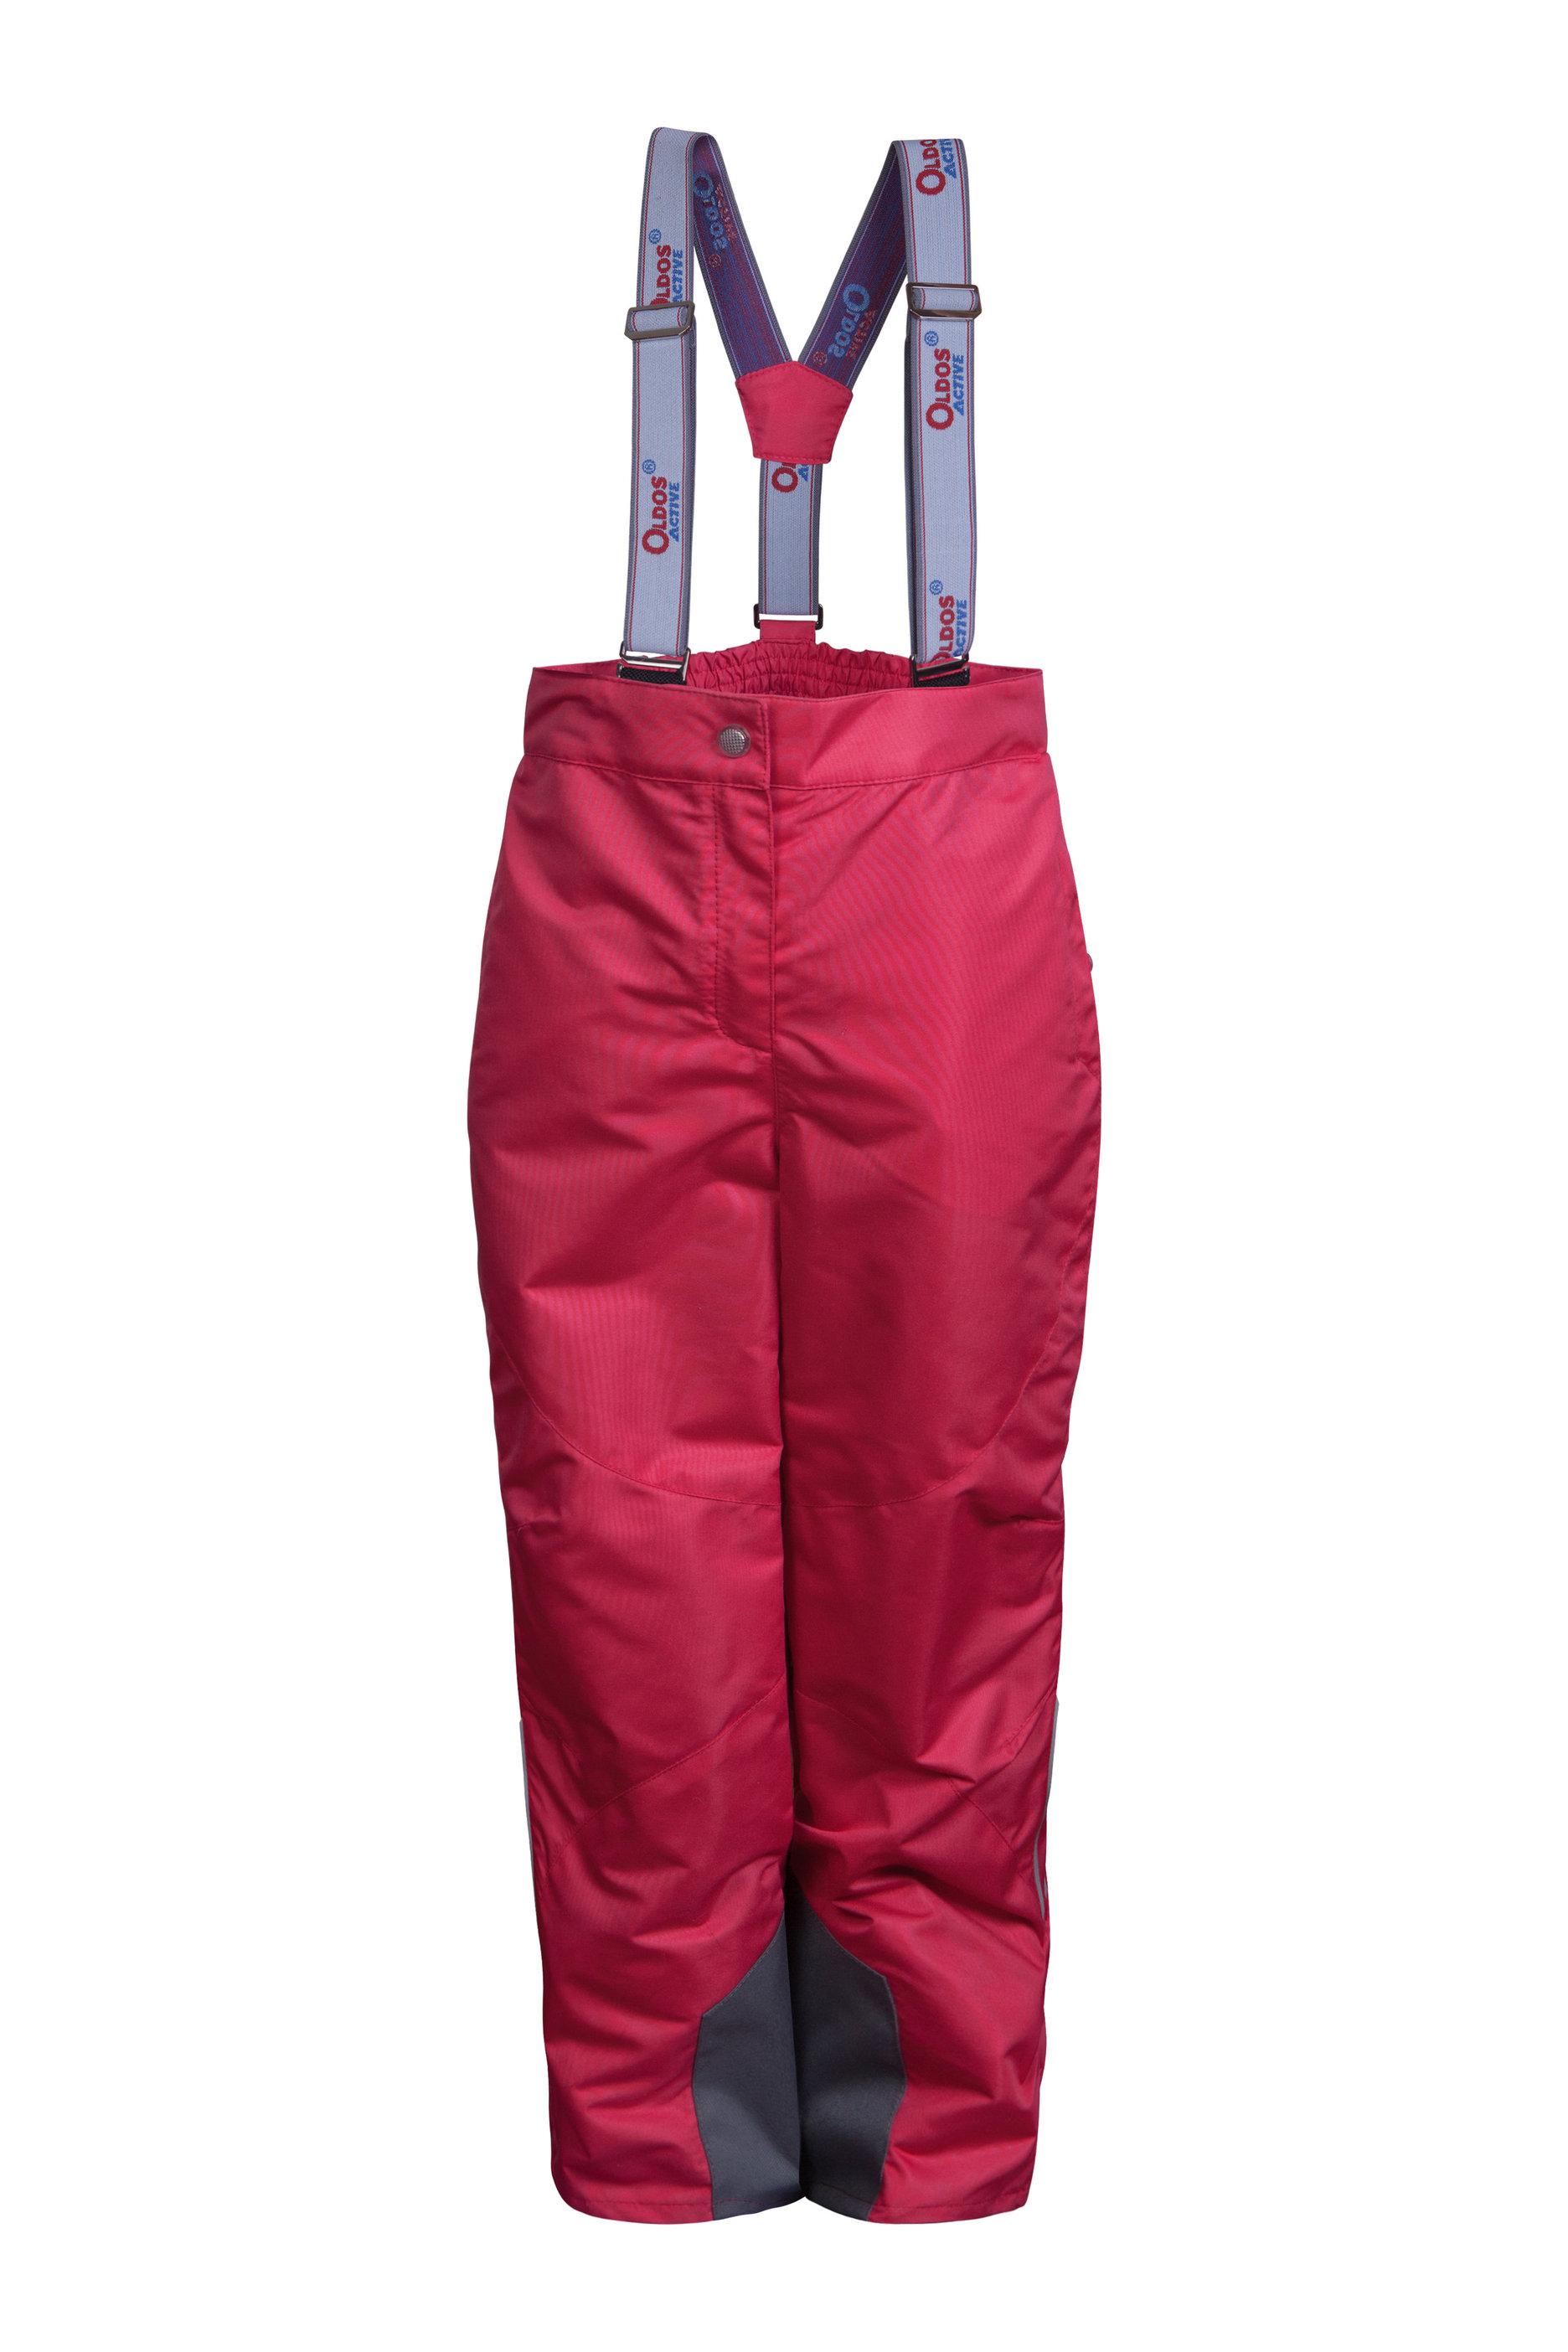 Брюки демисезонные OLDOS ACTIVE для девочки МАРТАДетские брюки<br>В удобных брюках из плотной мембранной ткани с водо- грязеотталкивающим покрытием Марта из коллекции OLDOS ACTIVE Ваша непоседа сможет пускать кораблики по лужам, не боясь промокнуть или испачкаться.<br><br>Размер: 86, 92, 98, 104, 110, 116, 122, 128, 134, 140<br>Цвет: Малиновый